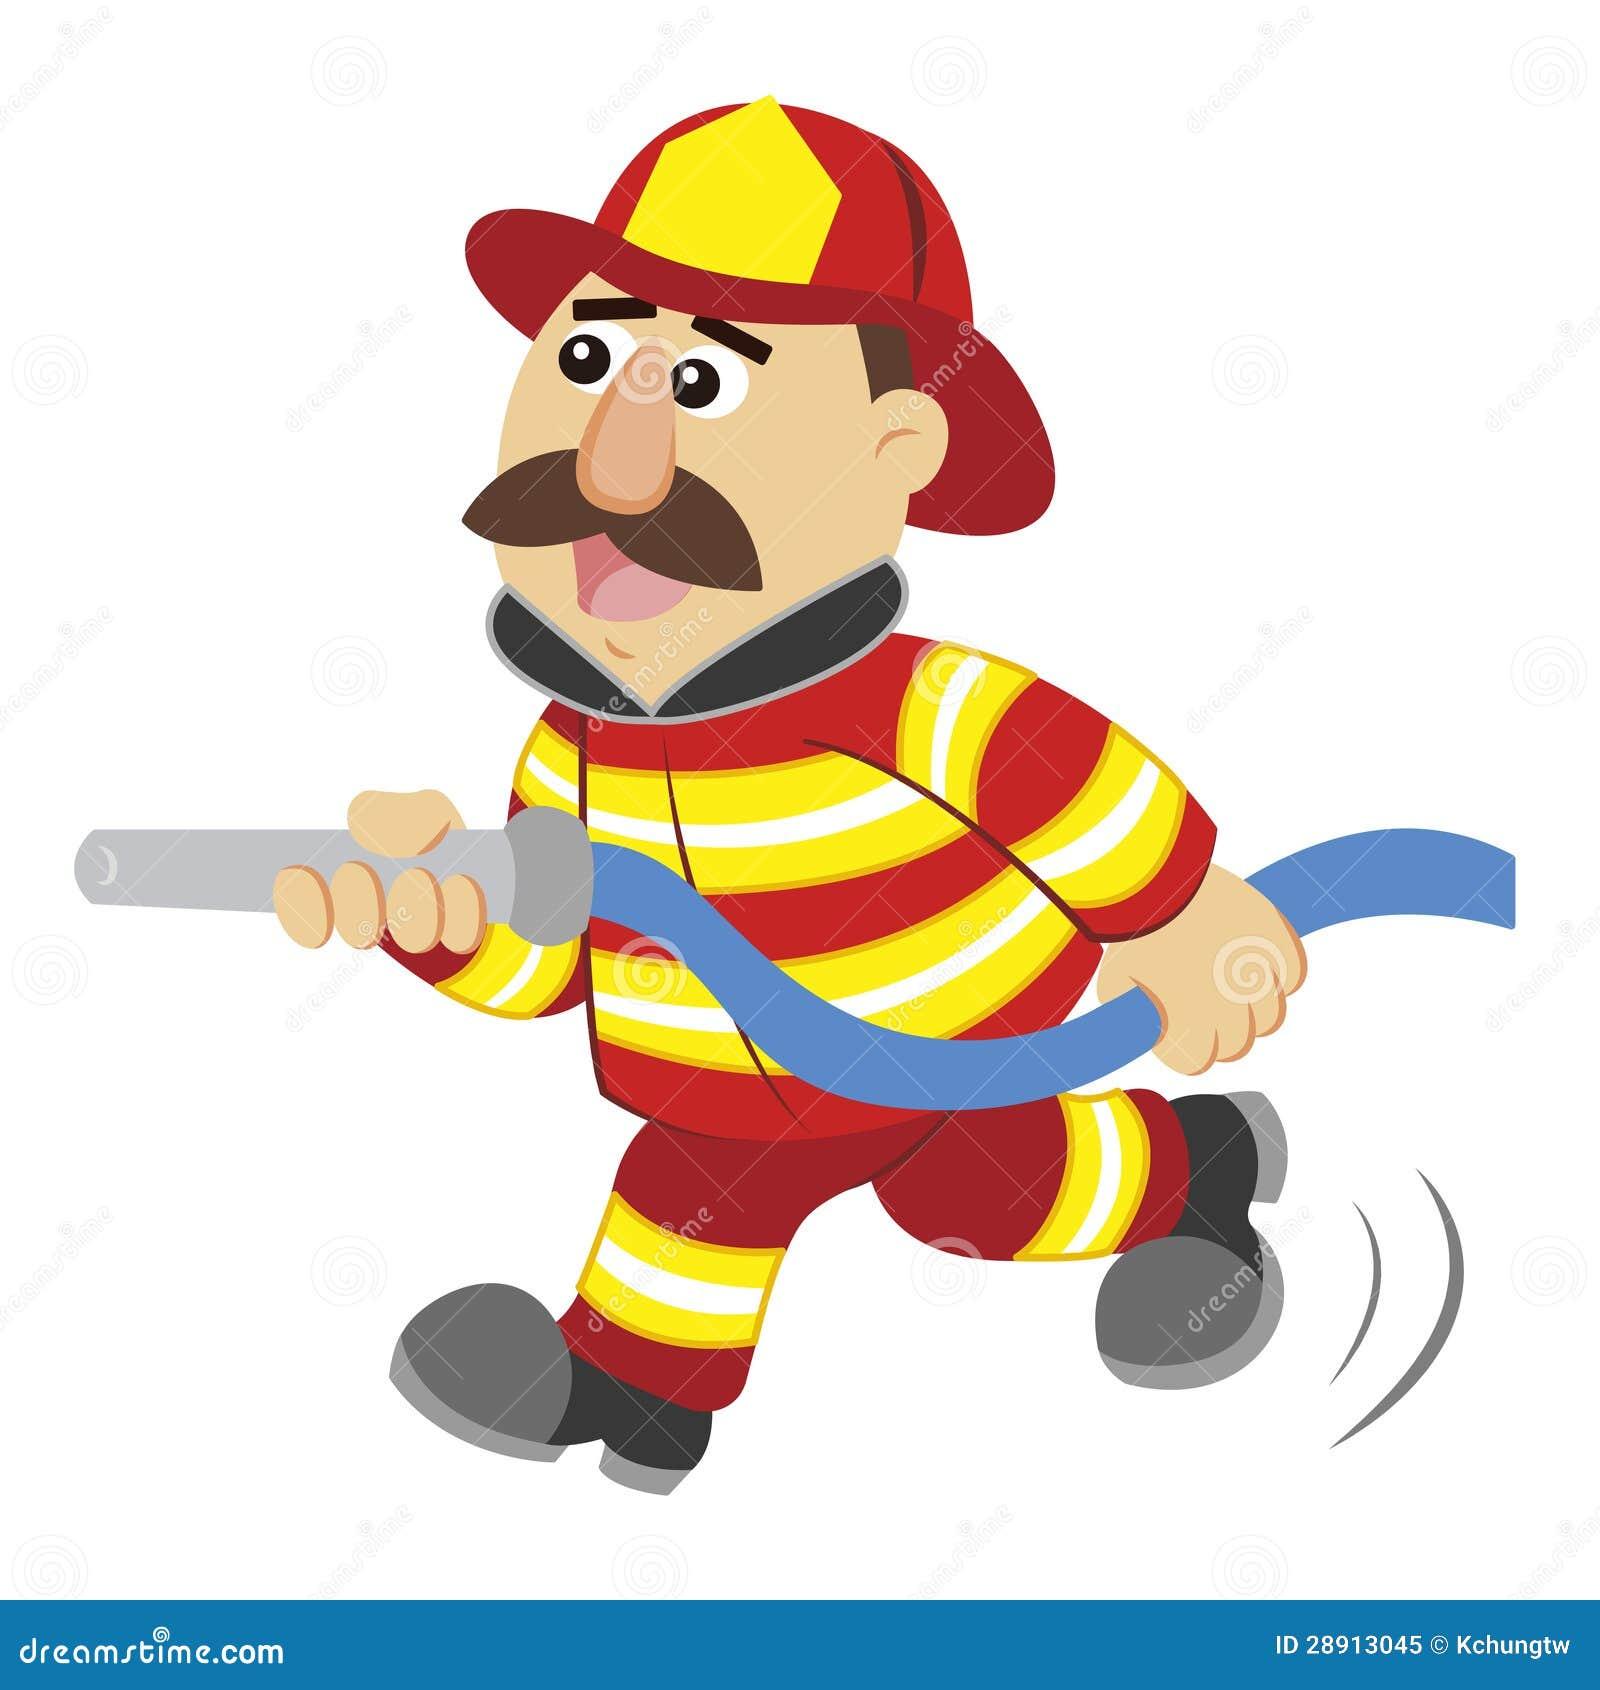 illustration-cartoon-fireman-28913045.jpg